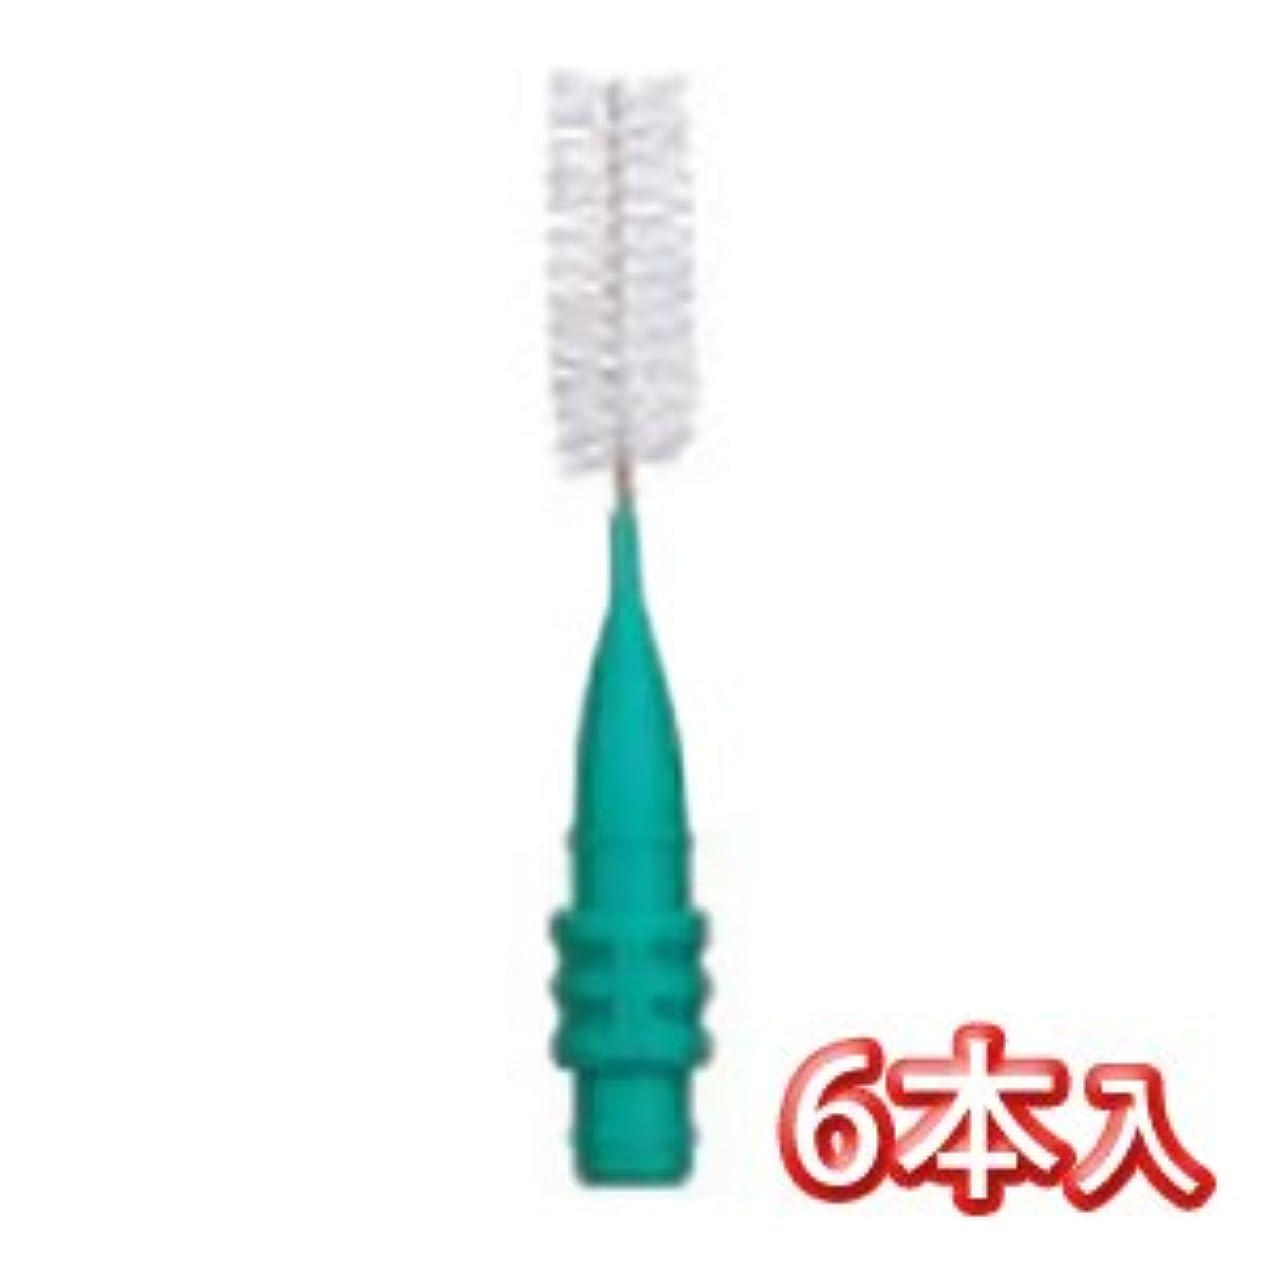 行政快い最大のプロスペック 歯間ブラシ2 スペアーブラシ のみ 6本入 LL グリーン